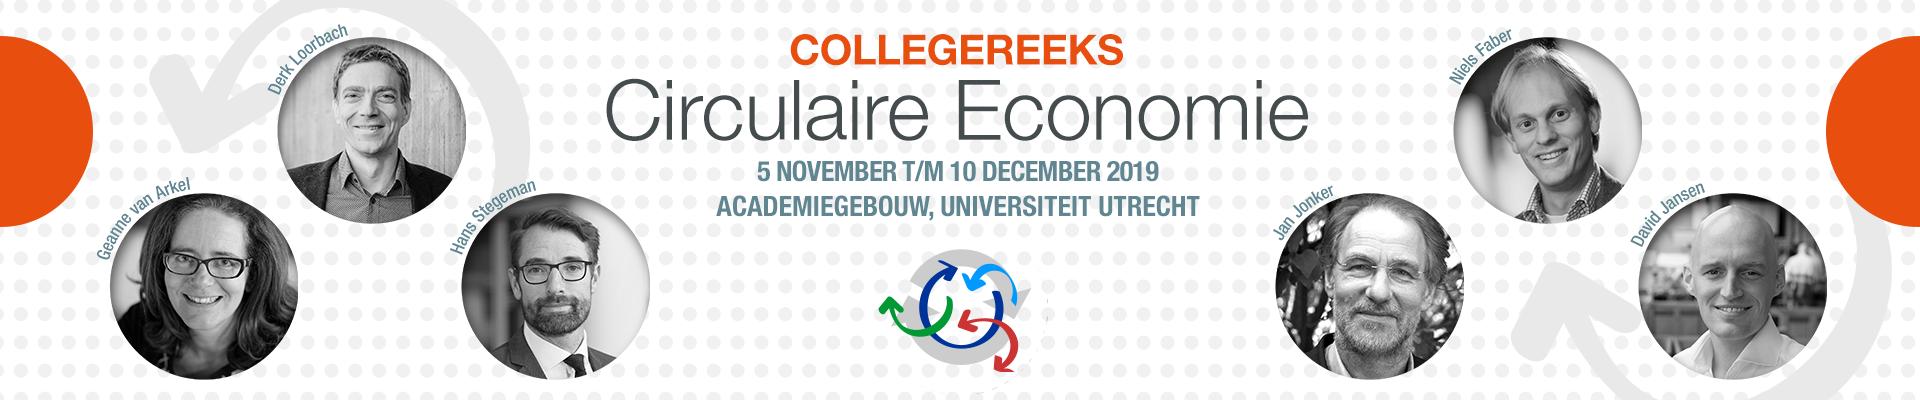 Collegereeks Circulaire Economie najaar 2019